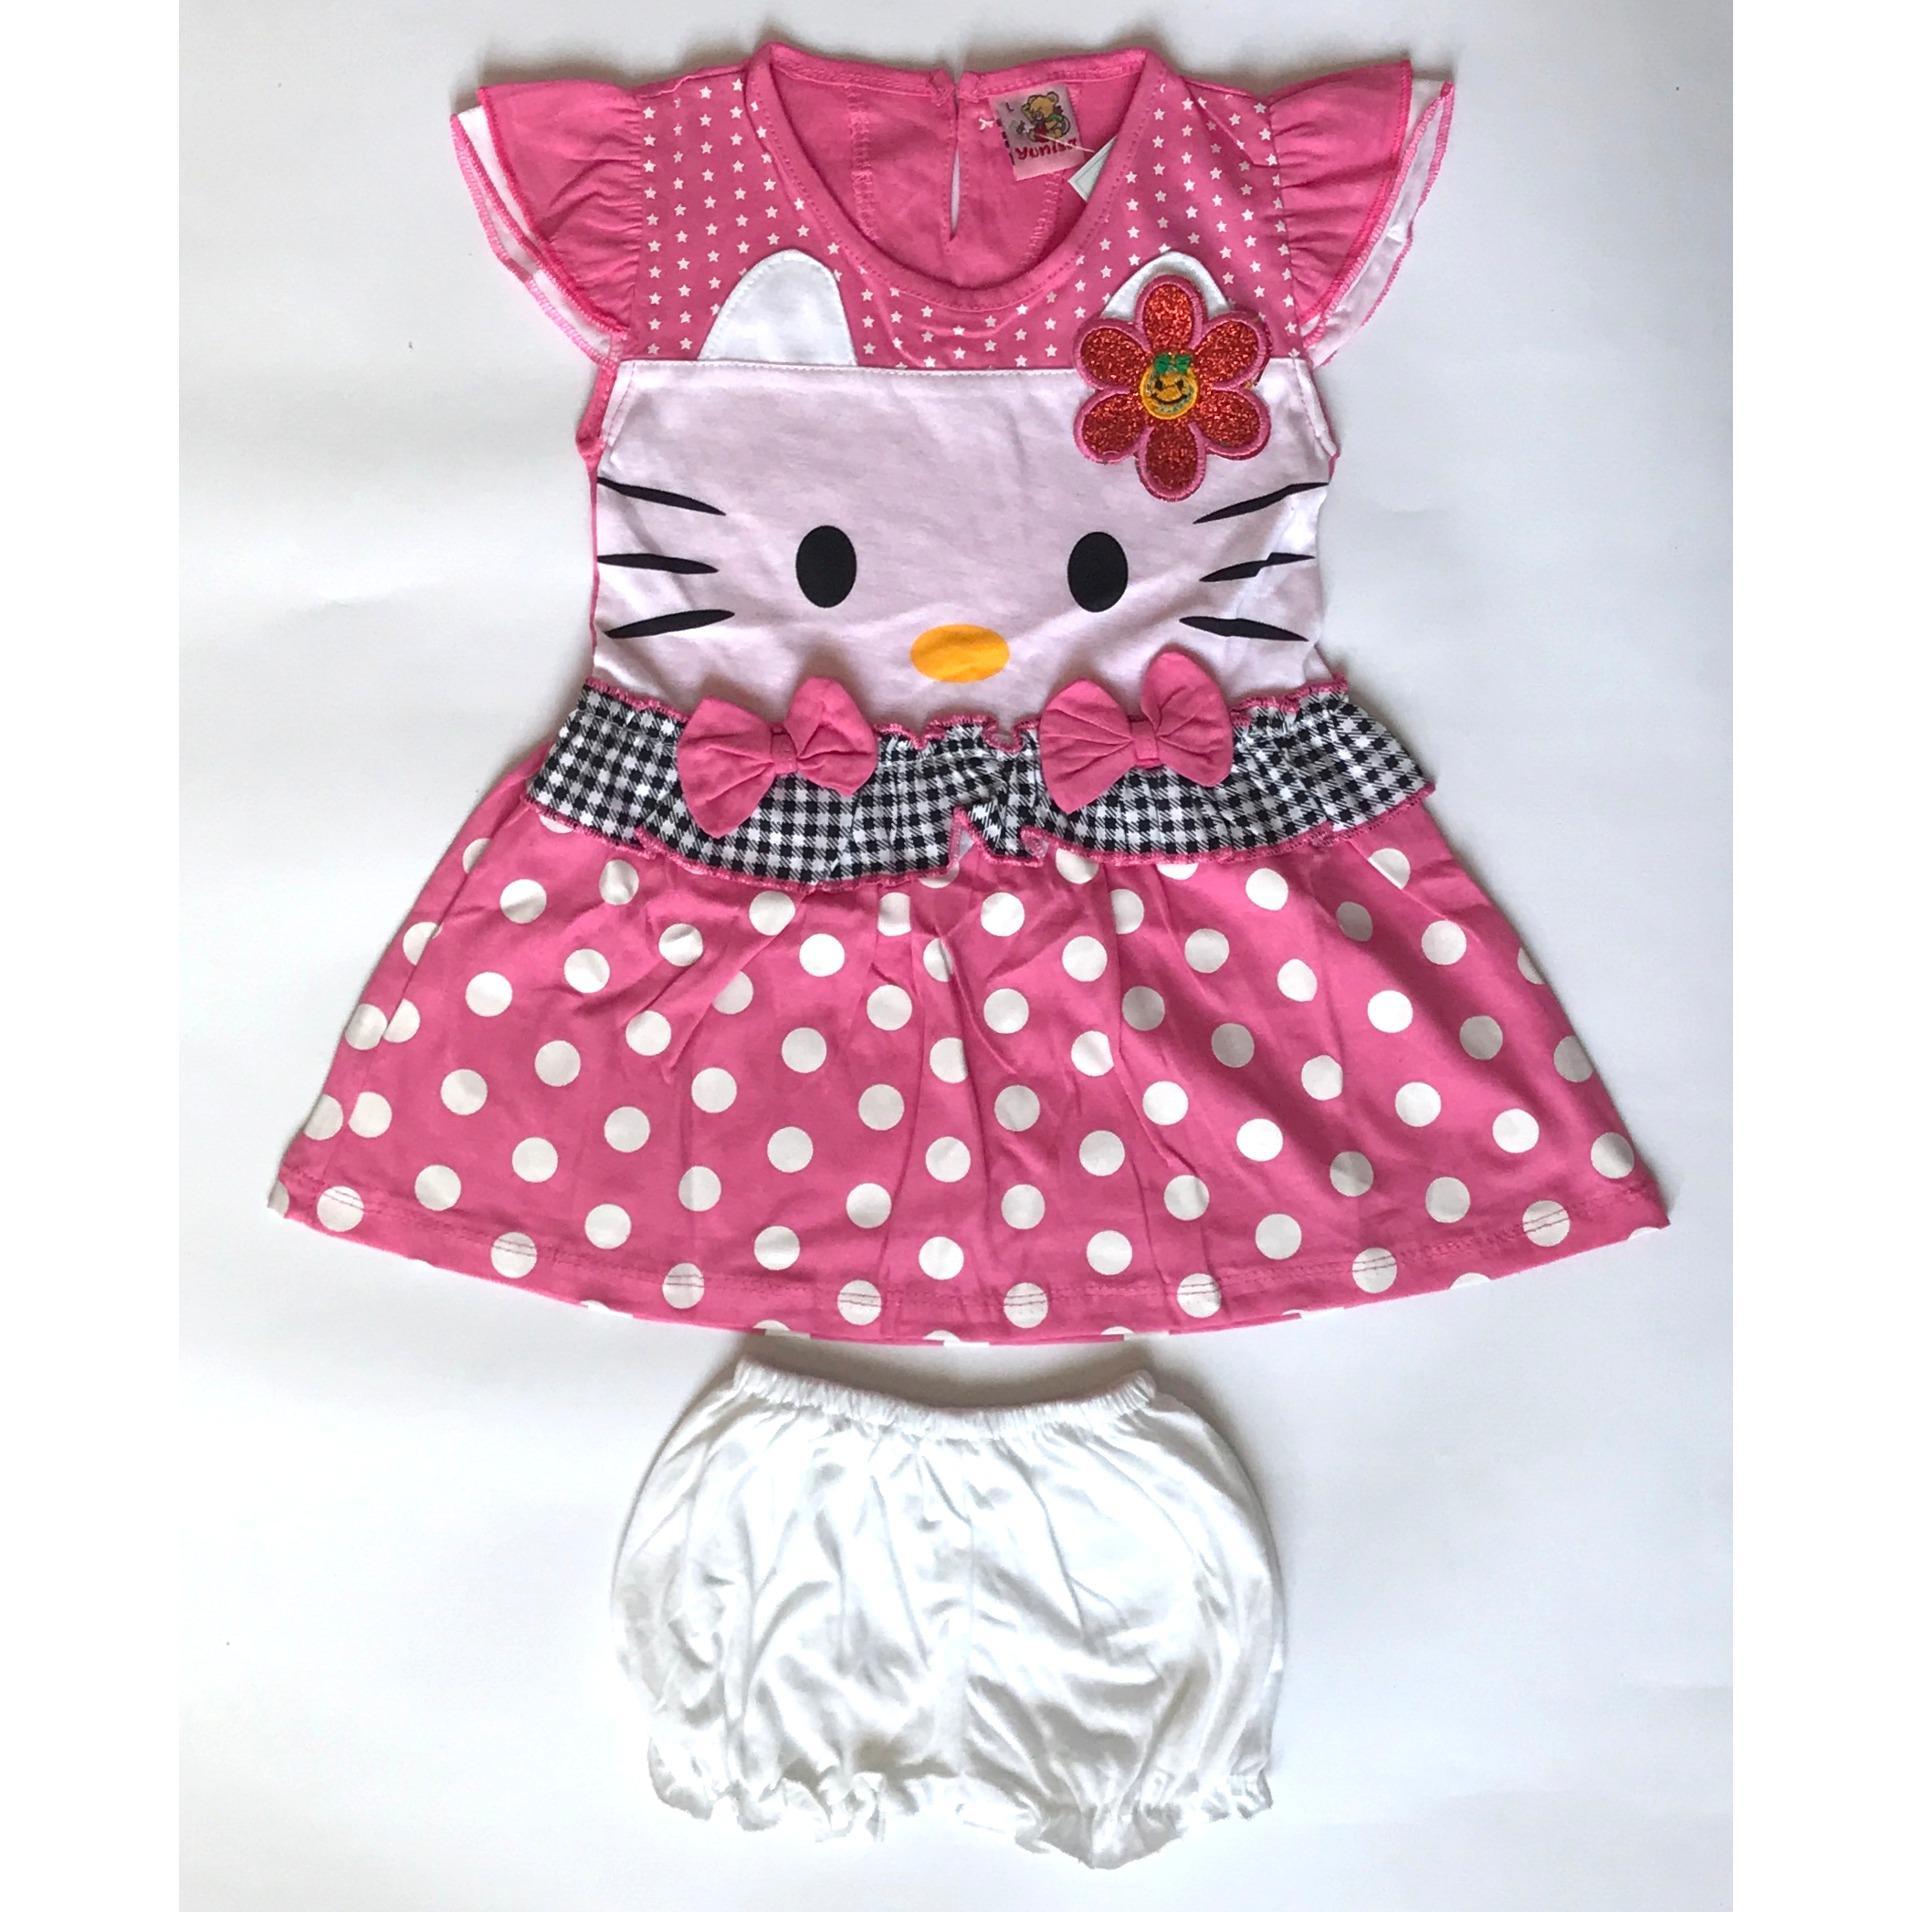 Cewek Toko Jualan Online Aman Dan Terpercaya Macbee Kids Baju Anak Piyama Kitty Sweet Cat Size 6 Abu Muda Bayie Setelan Bayi Dress Perempuan Motif Hello Yunisa Pakaian Umur